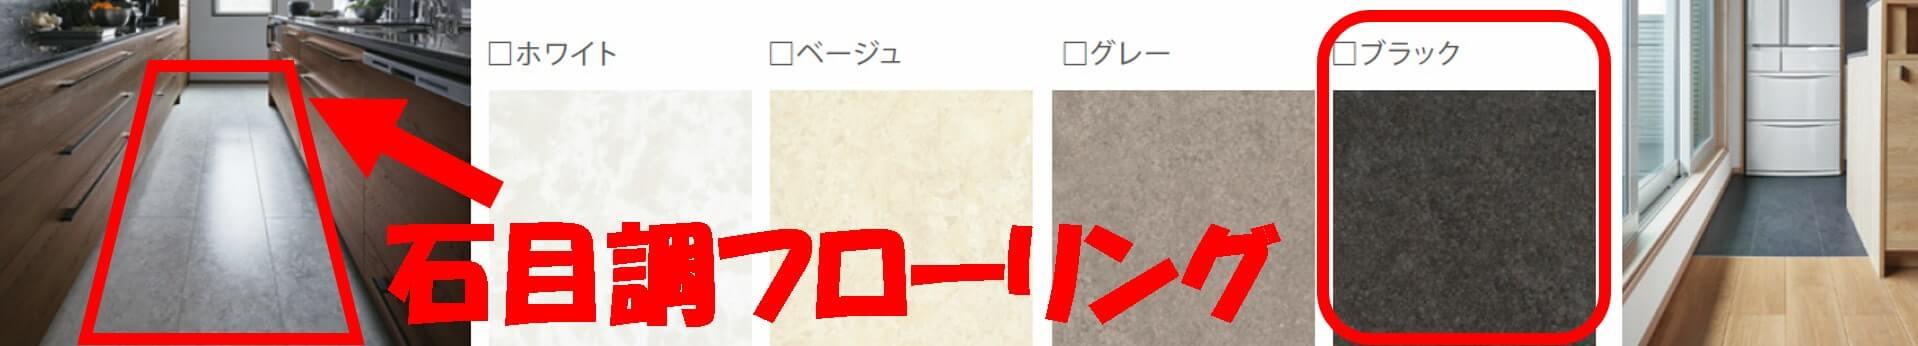 一条工務店の京都五条展示場のキッチンカラーの画像